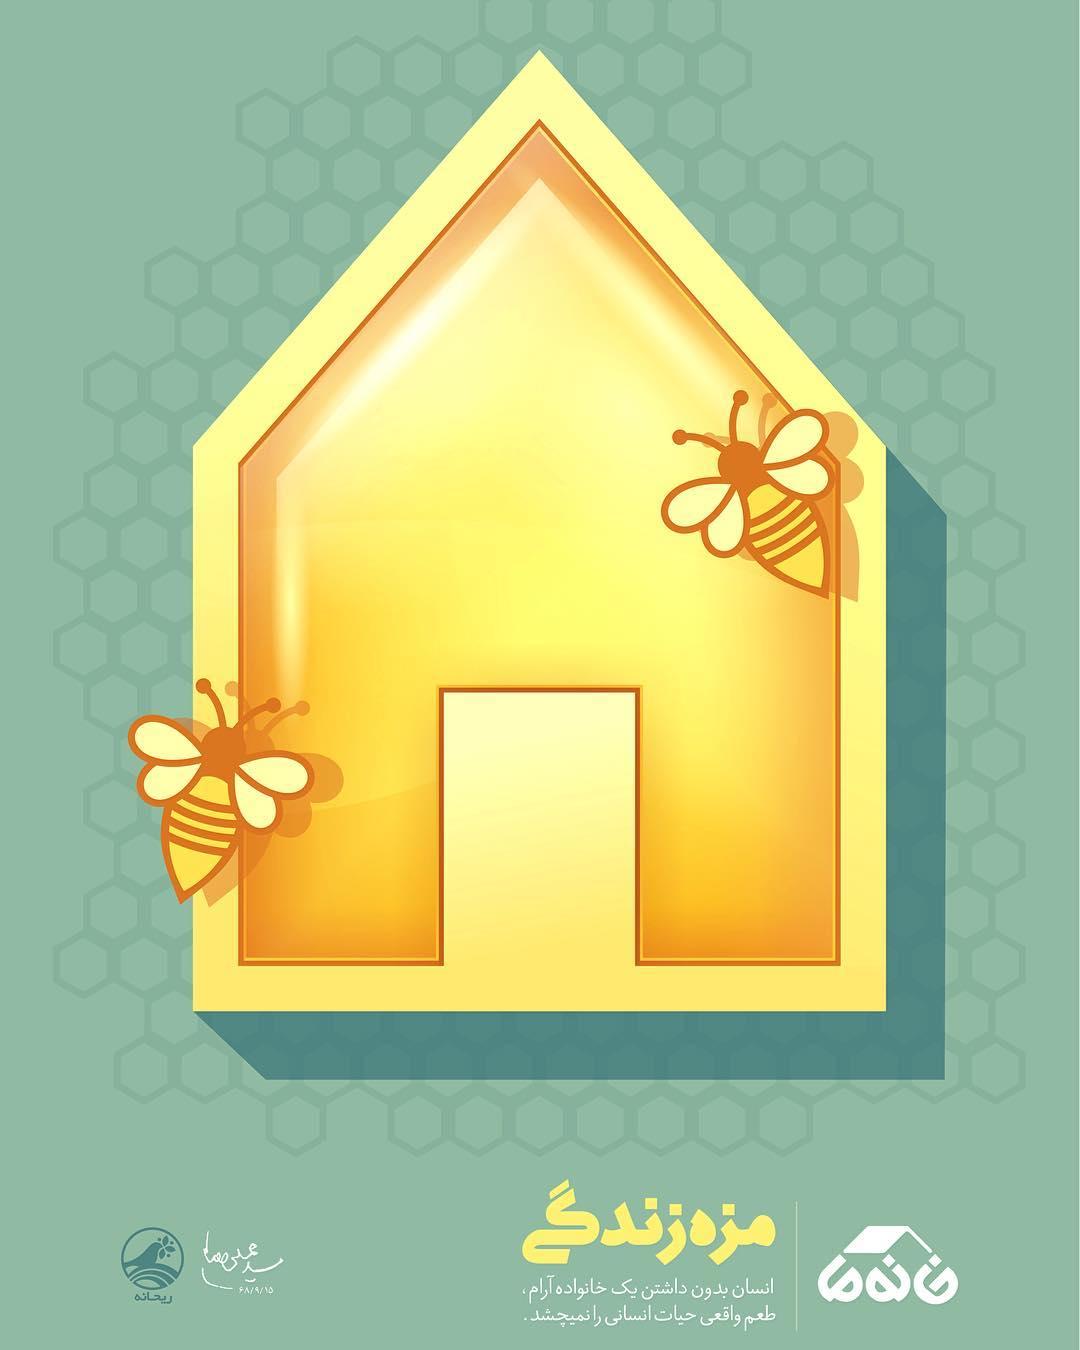 مجموعه طرح خانه ما.jpg (1080×1350)